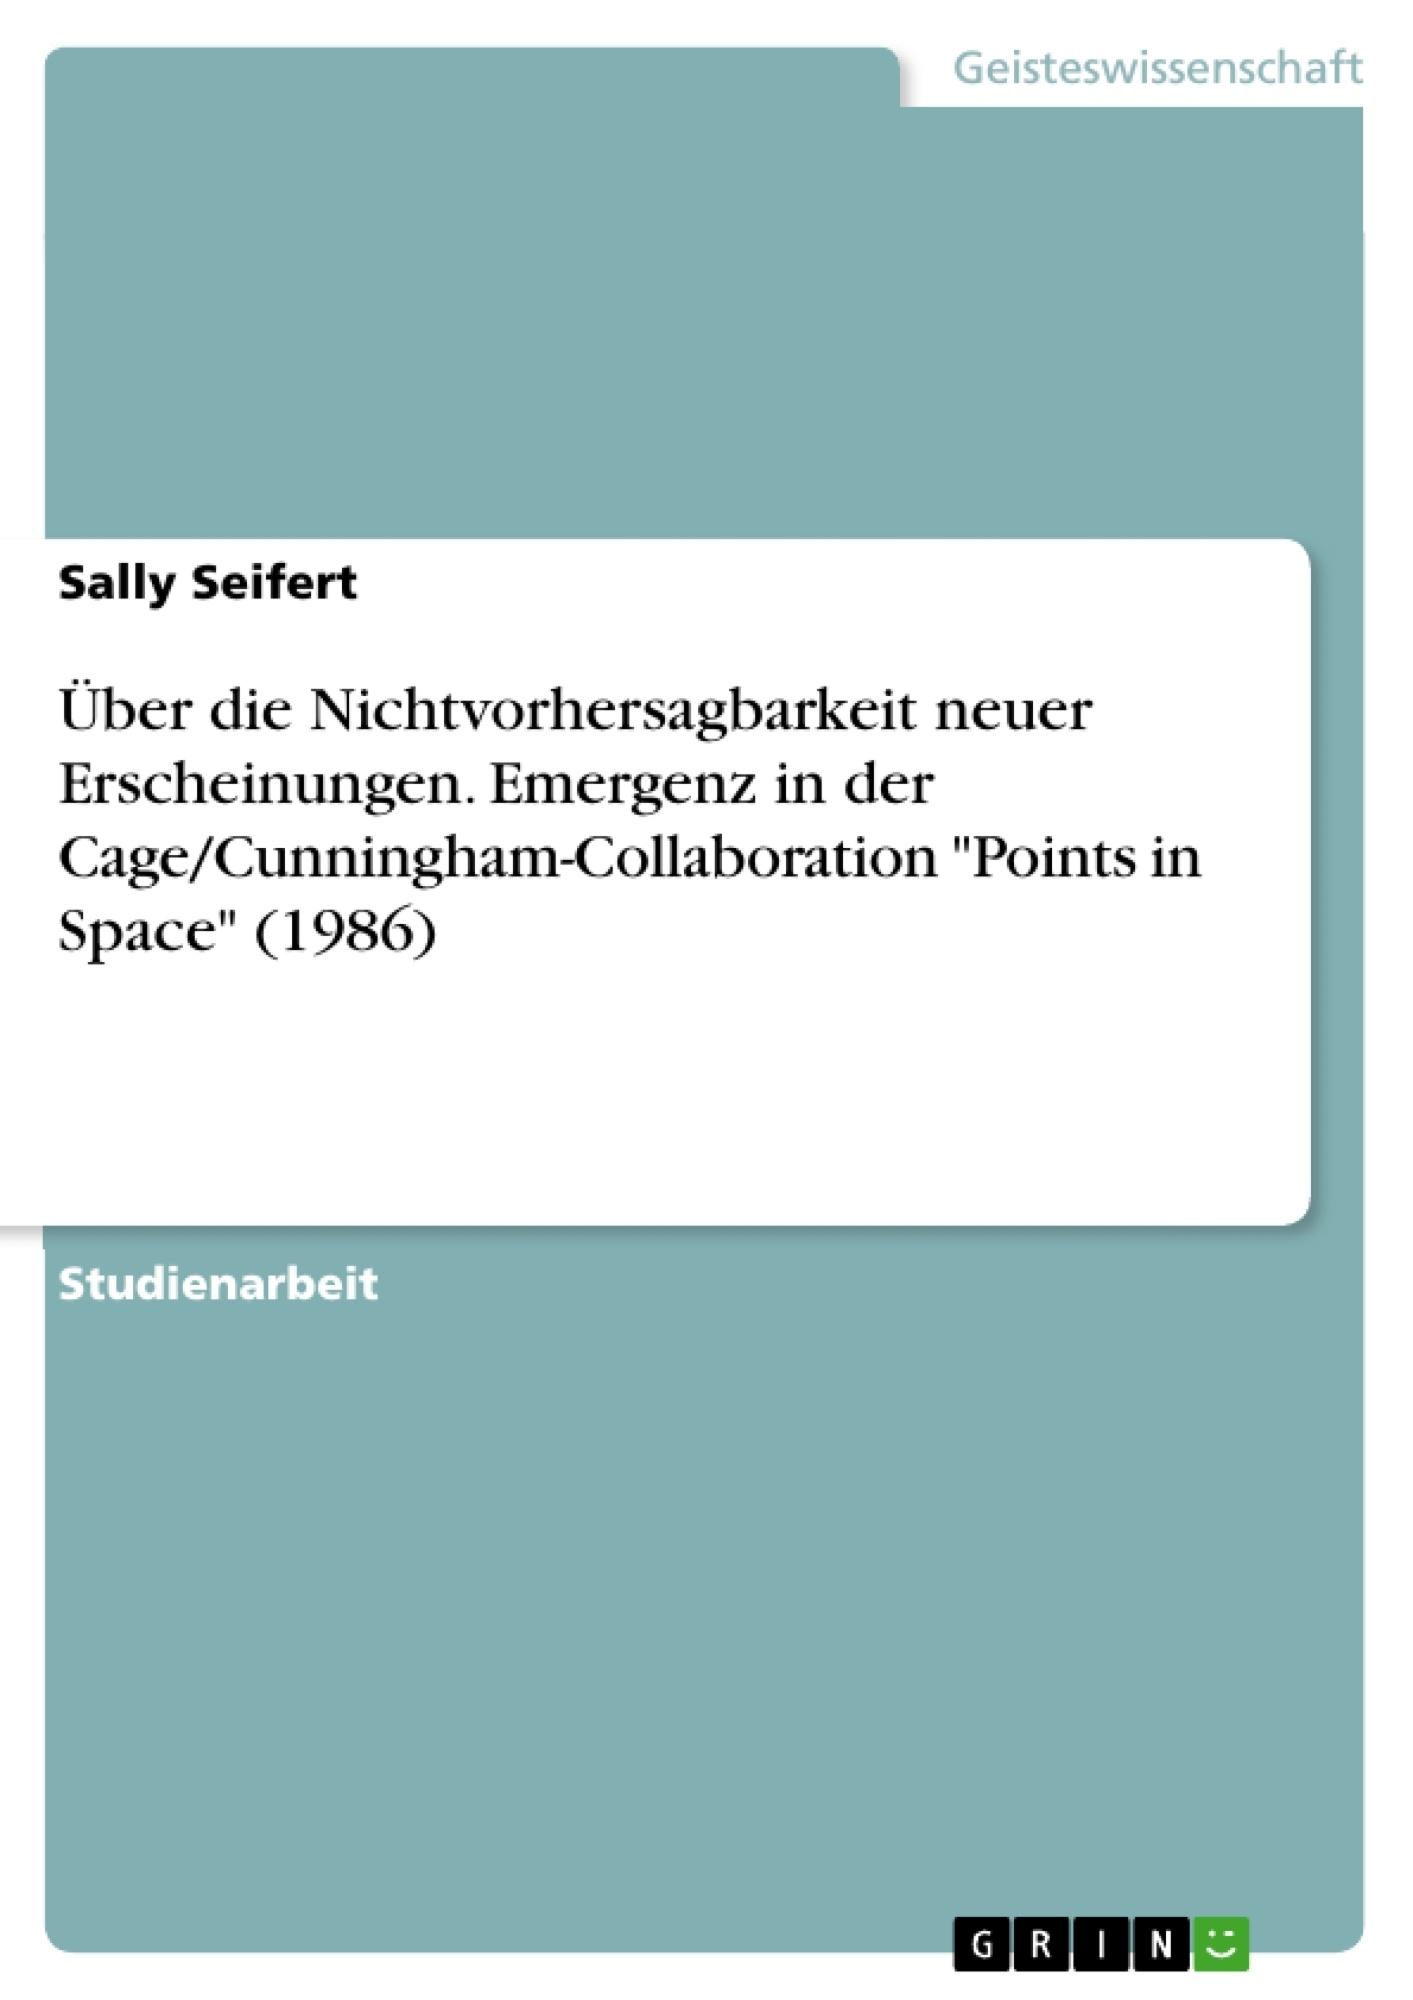 """Titel: Über die Nichtvorhersagbarkeit neuer Erscheinungen. Emergenz in der Cage/Cunningham-Collaboration """"Points in Space"""" (1986)"""